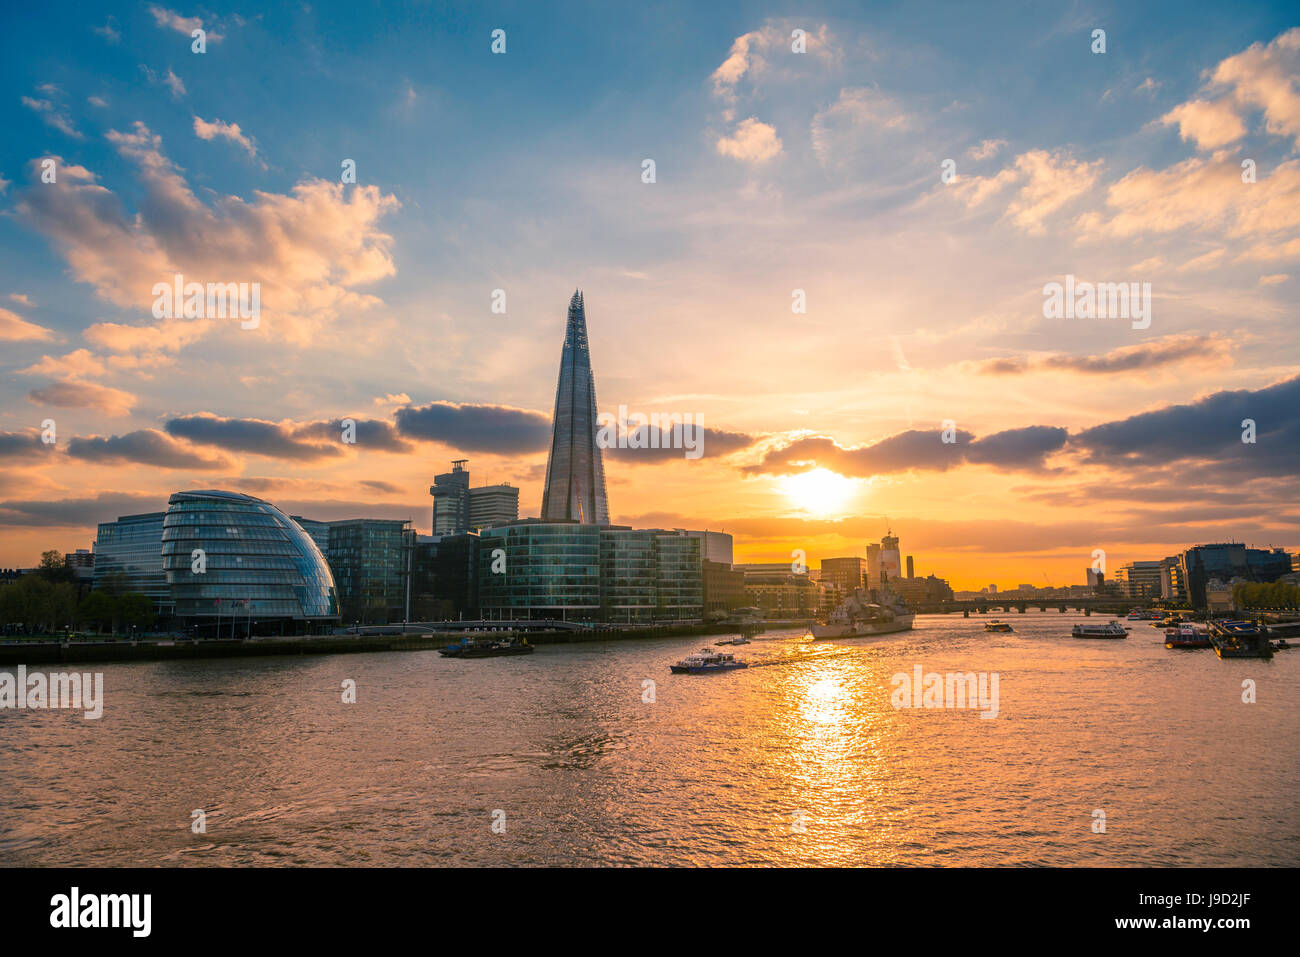 Horizonte del complejo de oficinas más Londres Riverside, City Hall de Londres, el City Hall, el Shard, Thames al Foto de stock